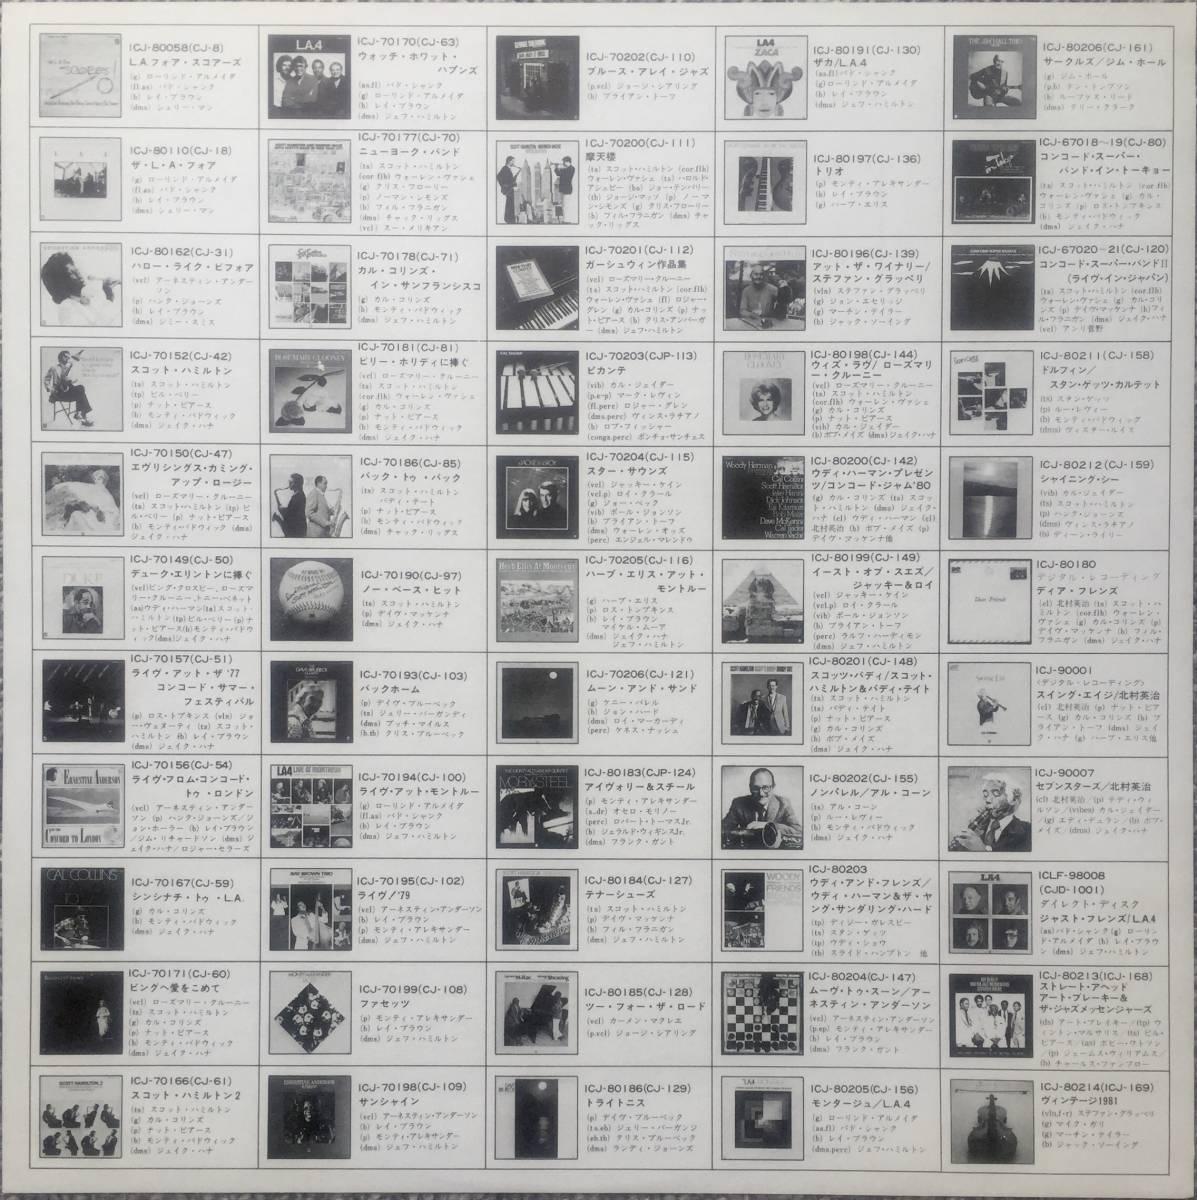 帯付き 極美盤 見本盤 The Dave Brubeck Quartet Paper Moon 白ラベル 非売品 PROMO インサート完備 JAZZ RARE GROOVE ジャズ LP レア 国内_画像4